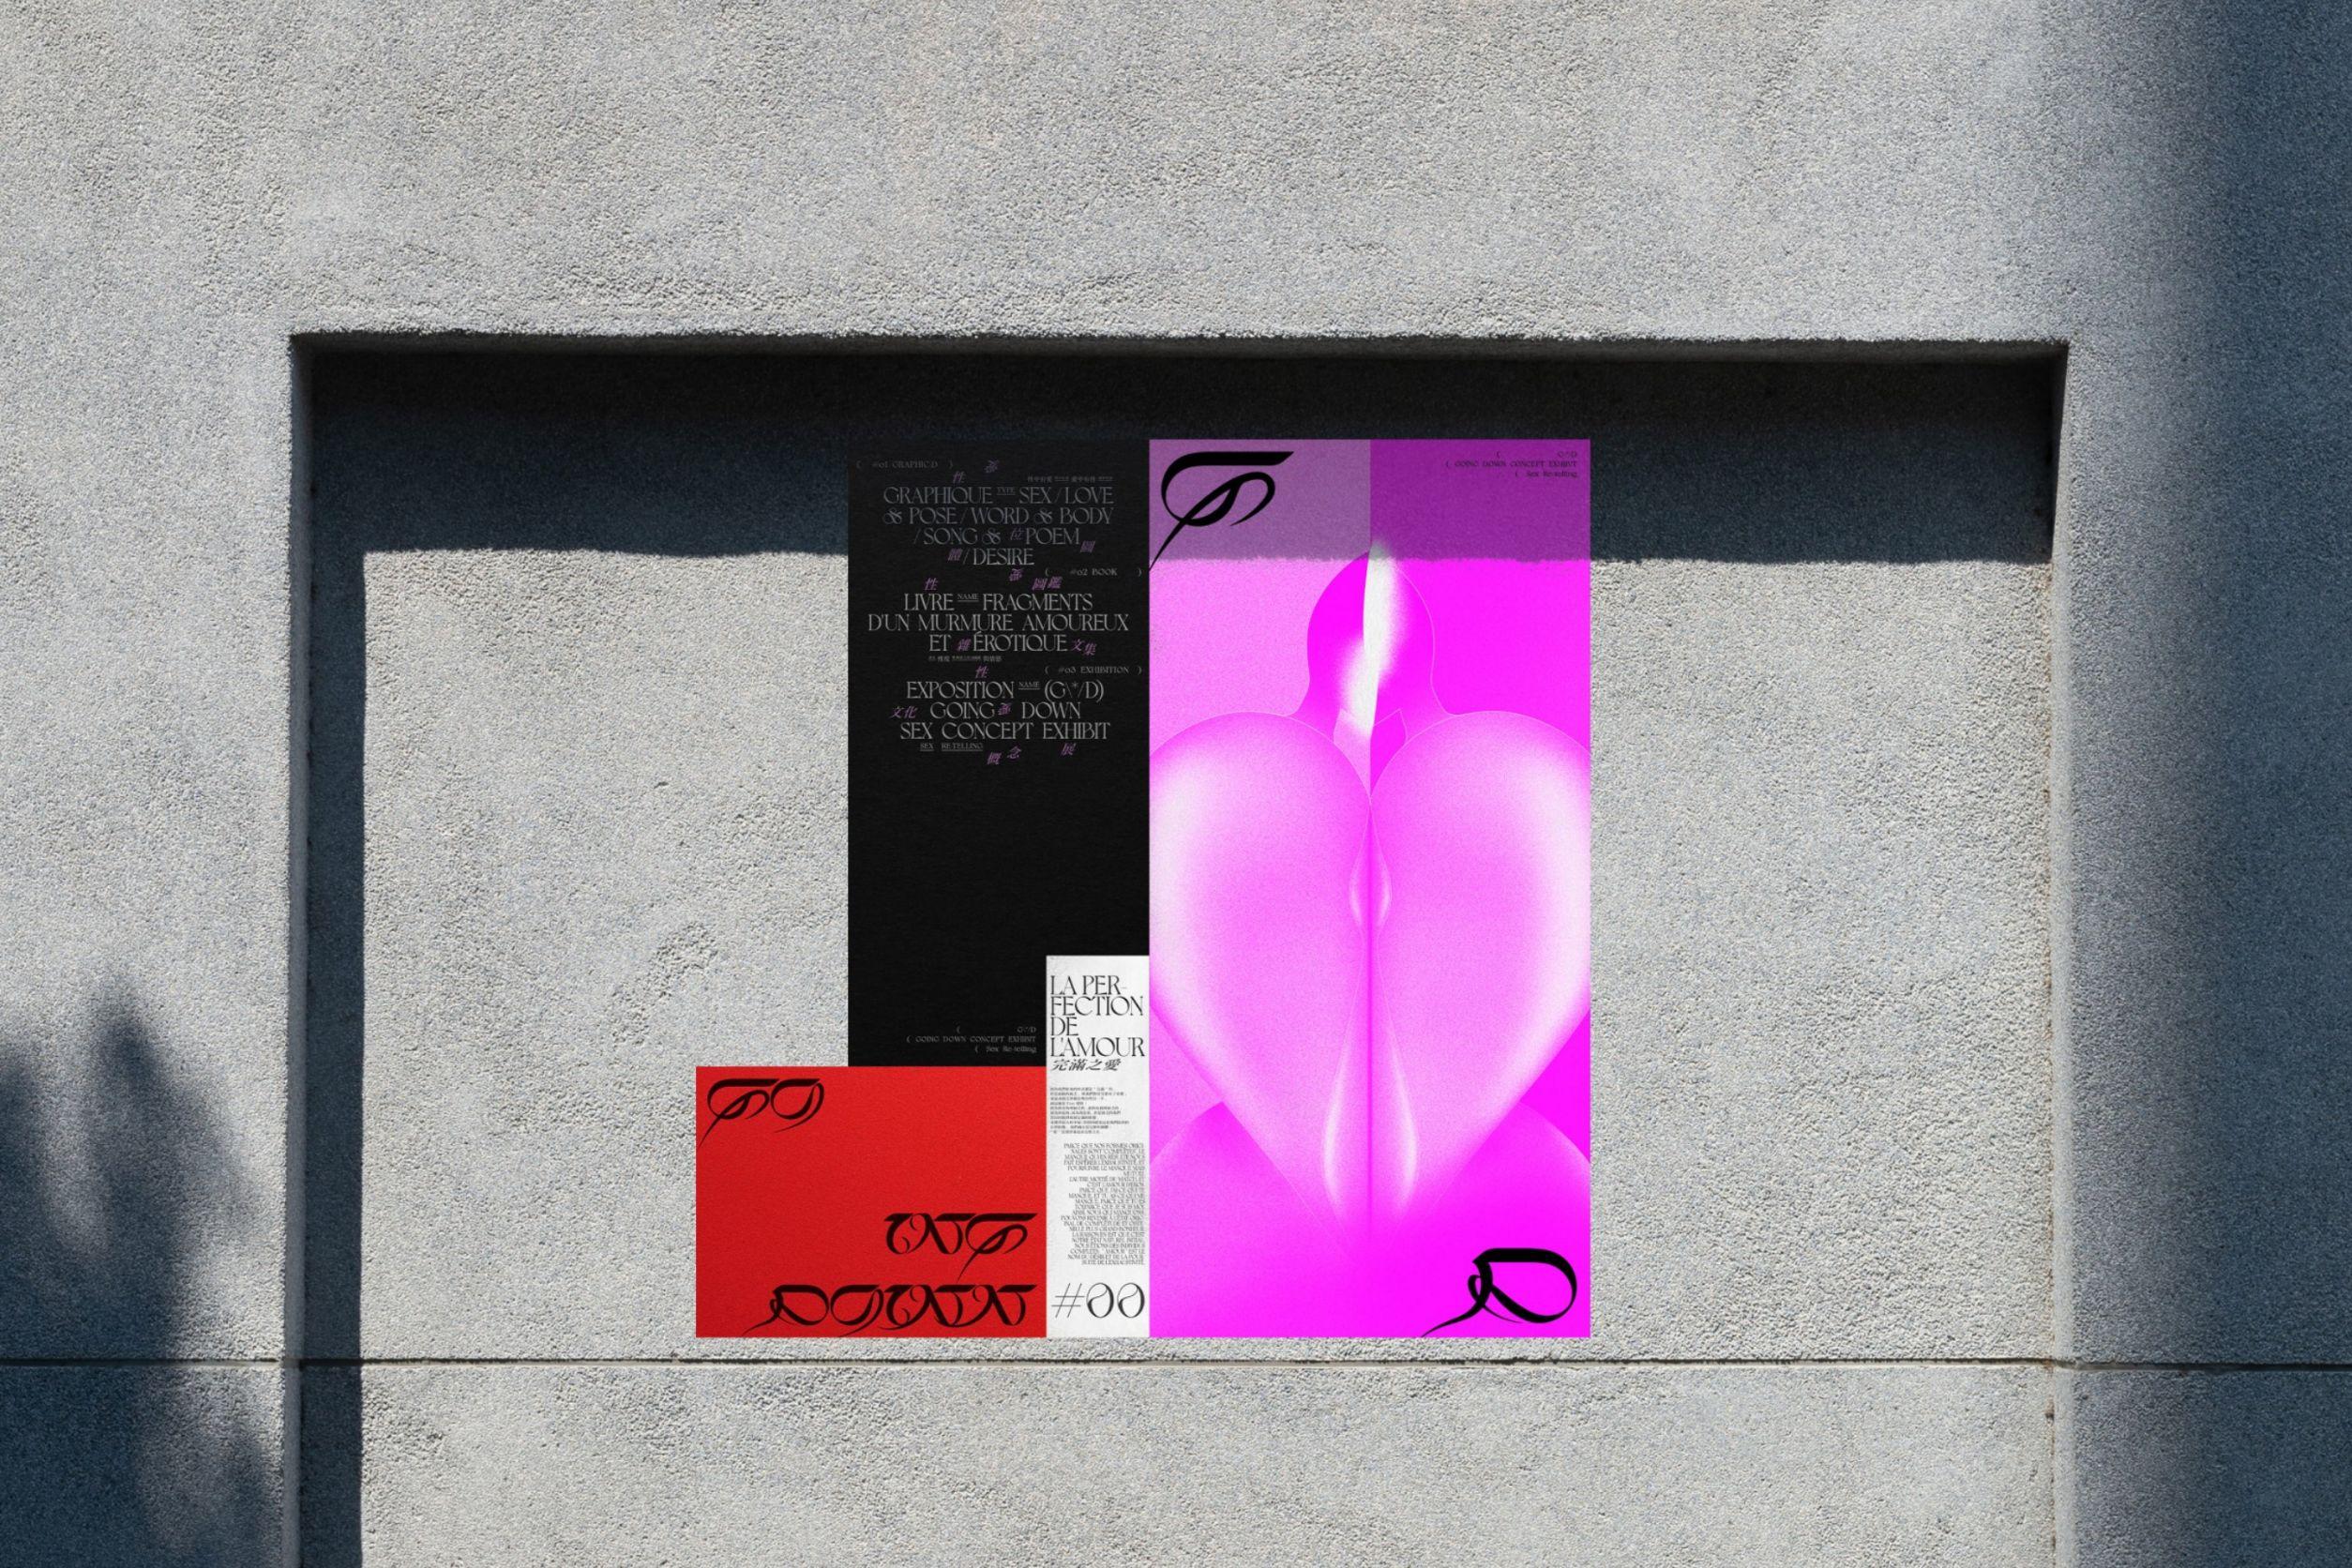 傳達設計類:「Going Down」(林翰祥、凃家暄、吳湘琳、徐淋琦、顧祺,國立臺灣藝術大學視覺傳達設計學系)